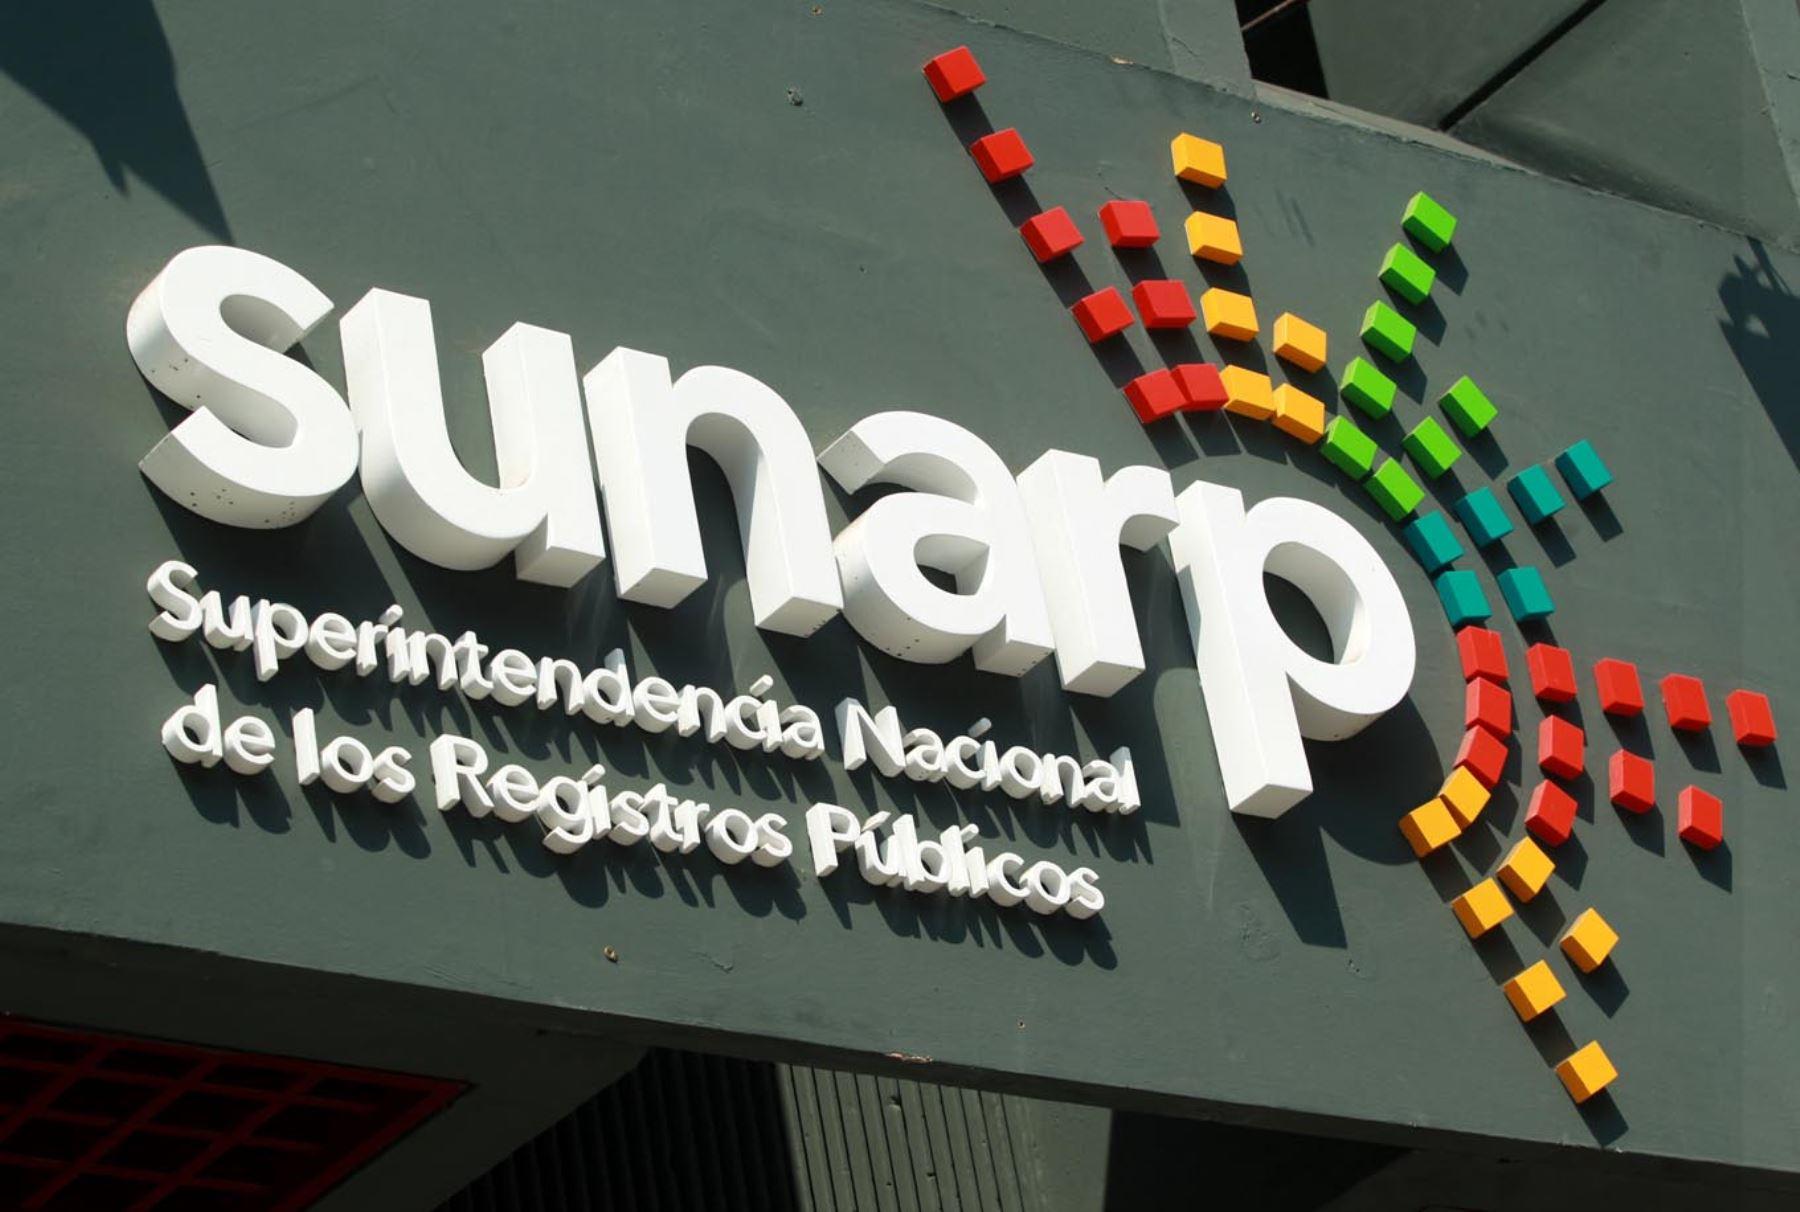 Superintendencia Nacional de los Registros Públicos. Foto: ANDINA/Difusión